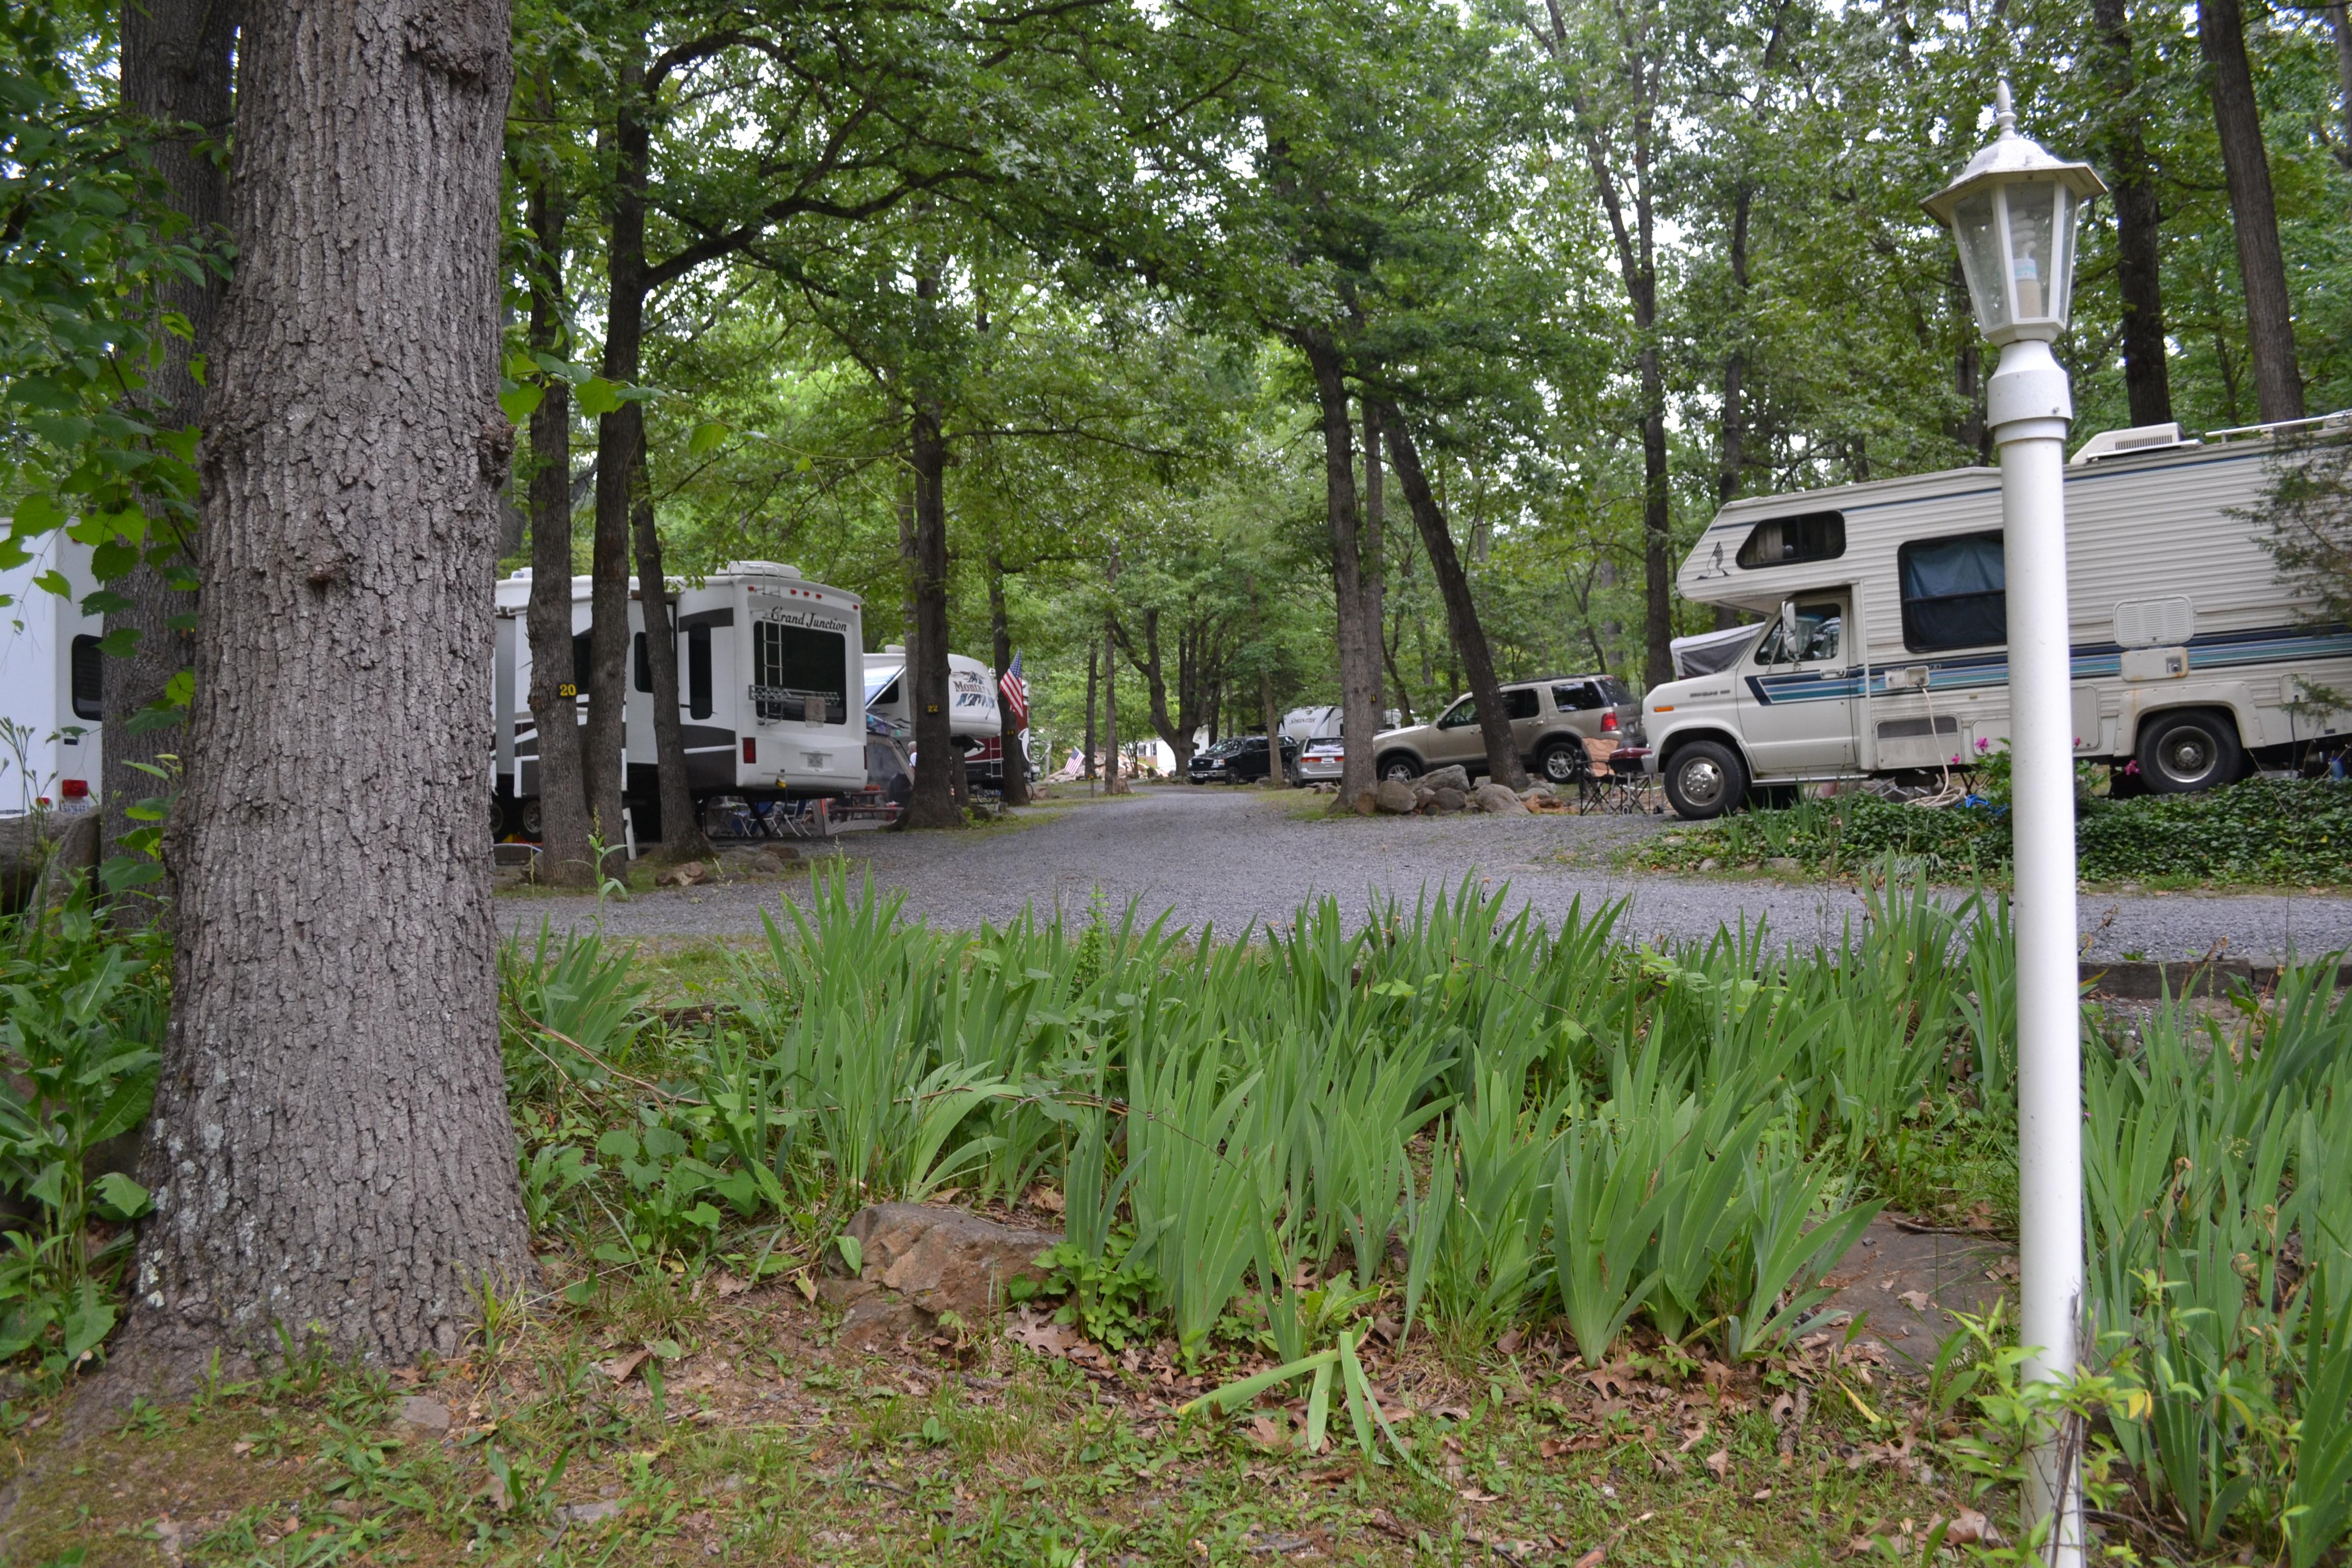 Harrisonburg / Shenandoah Valley KOA Holiday image 9